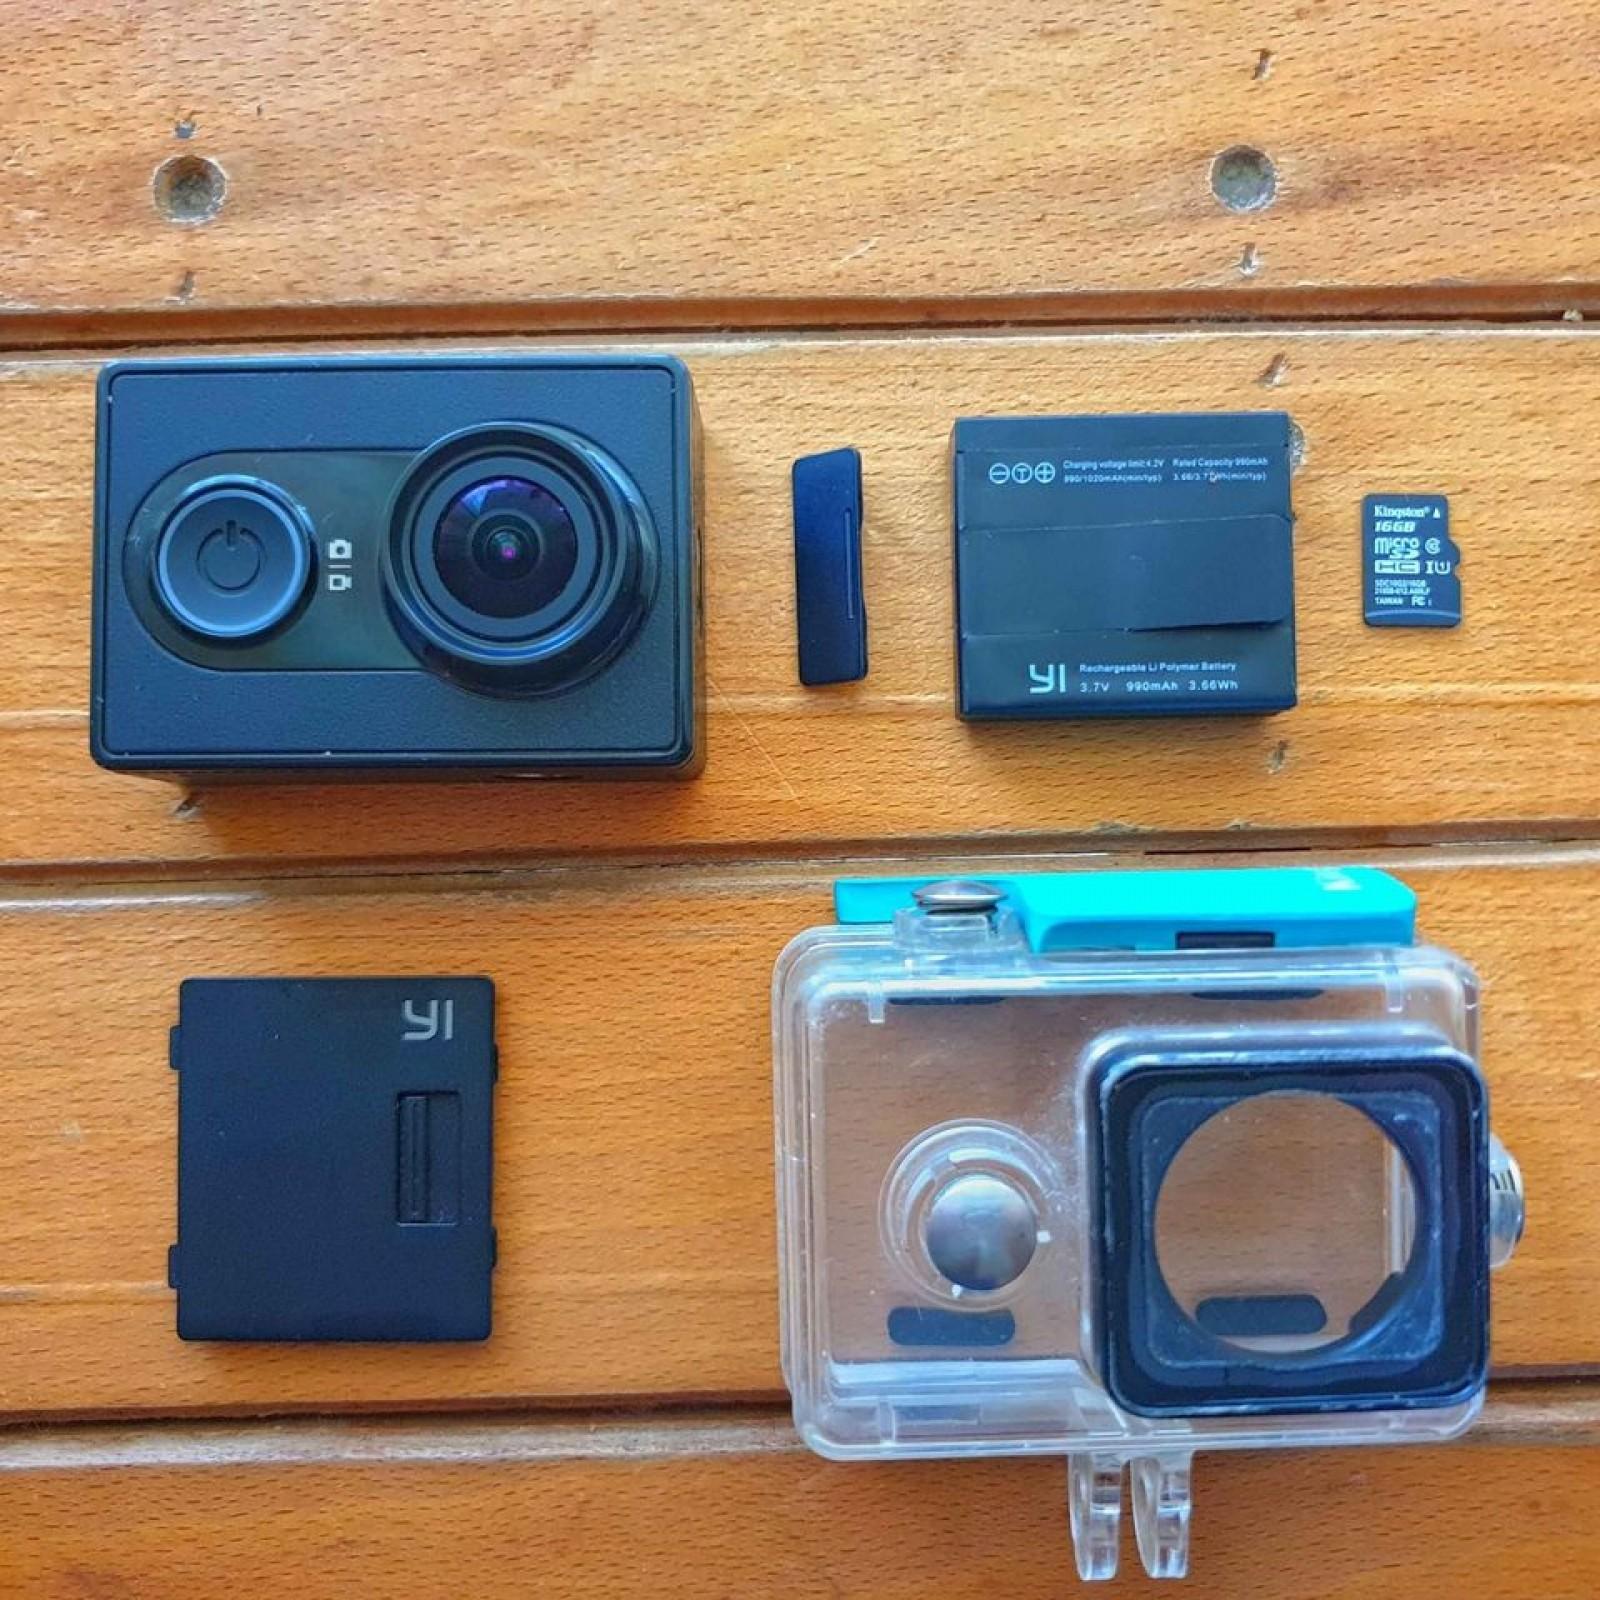 Xiaomi Yi Action Camera Black